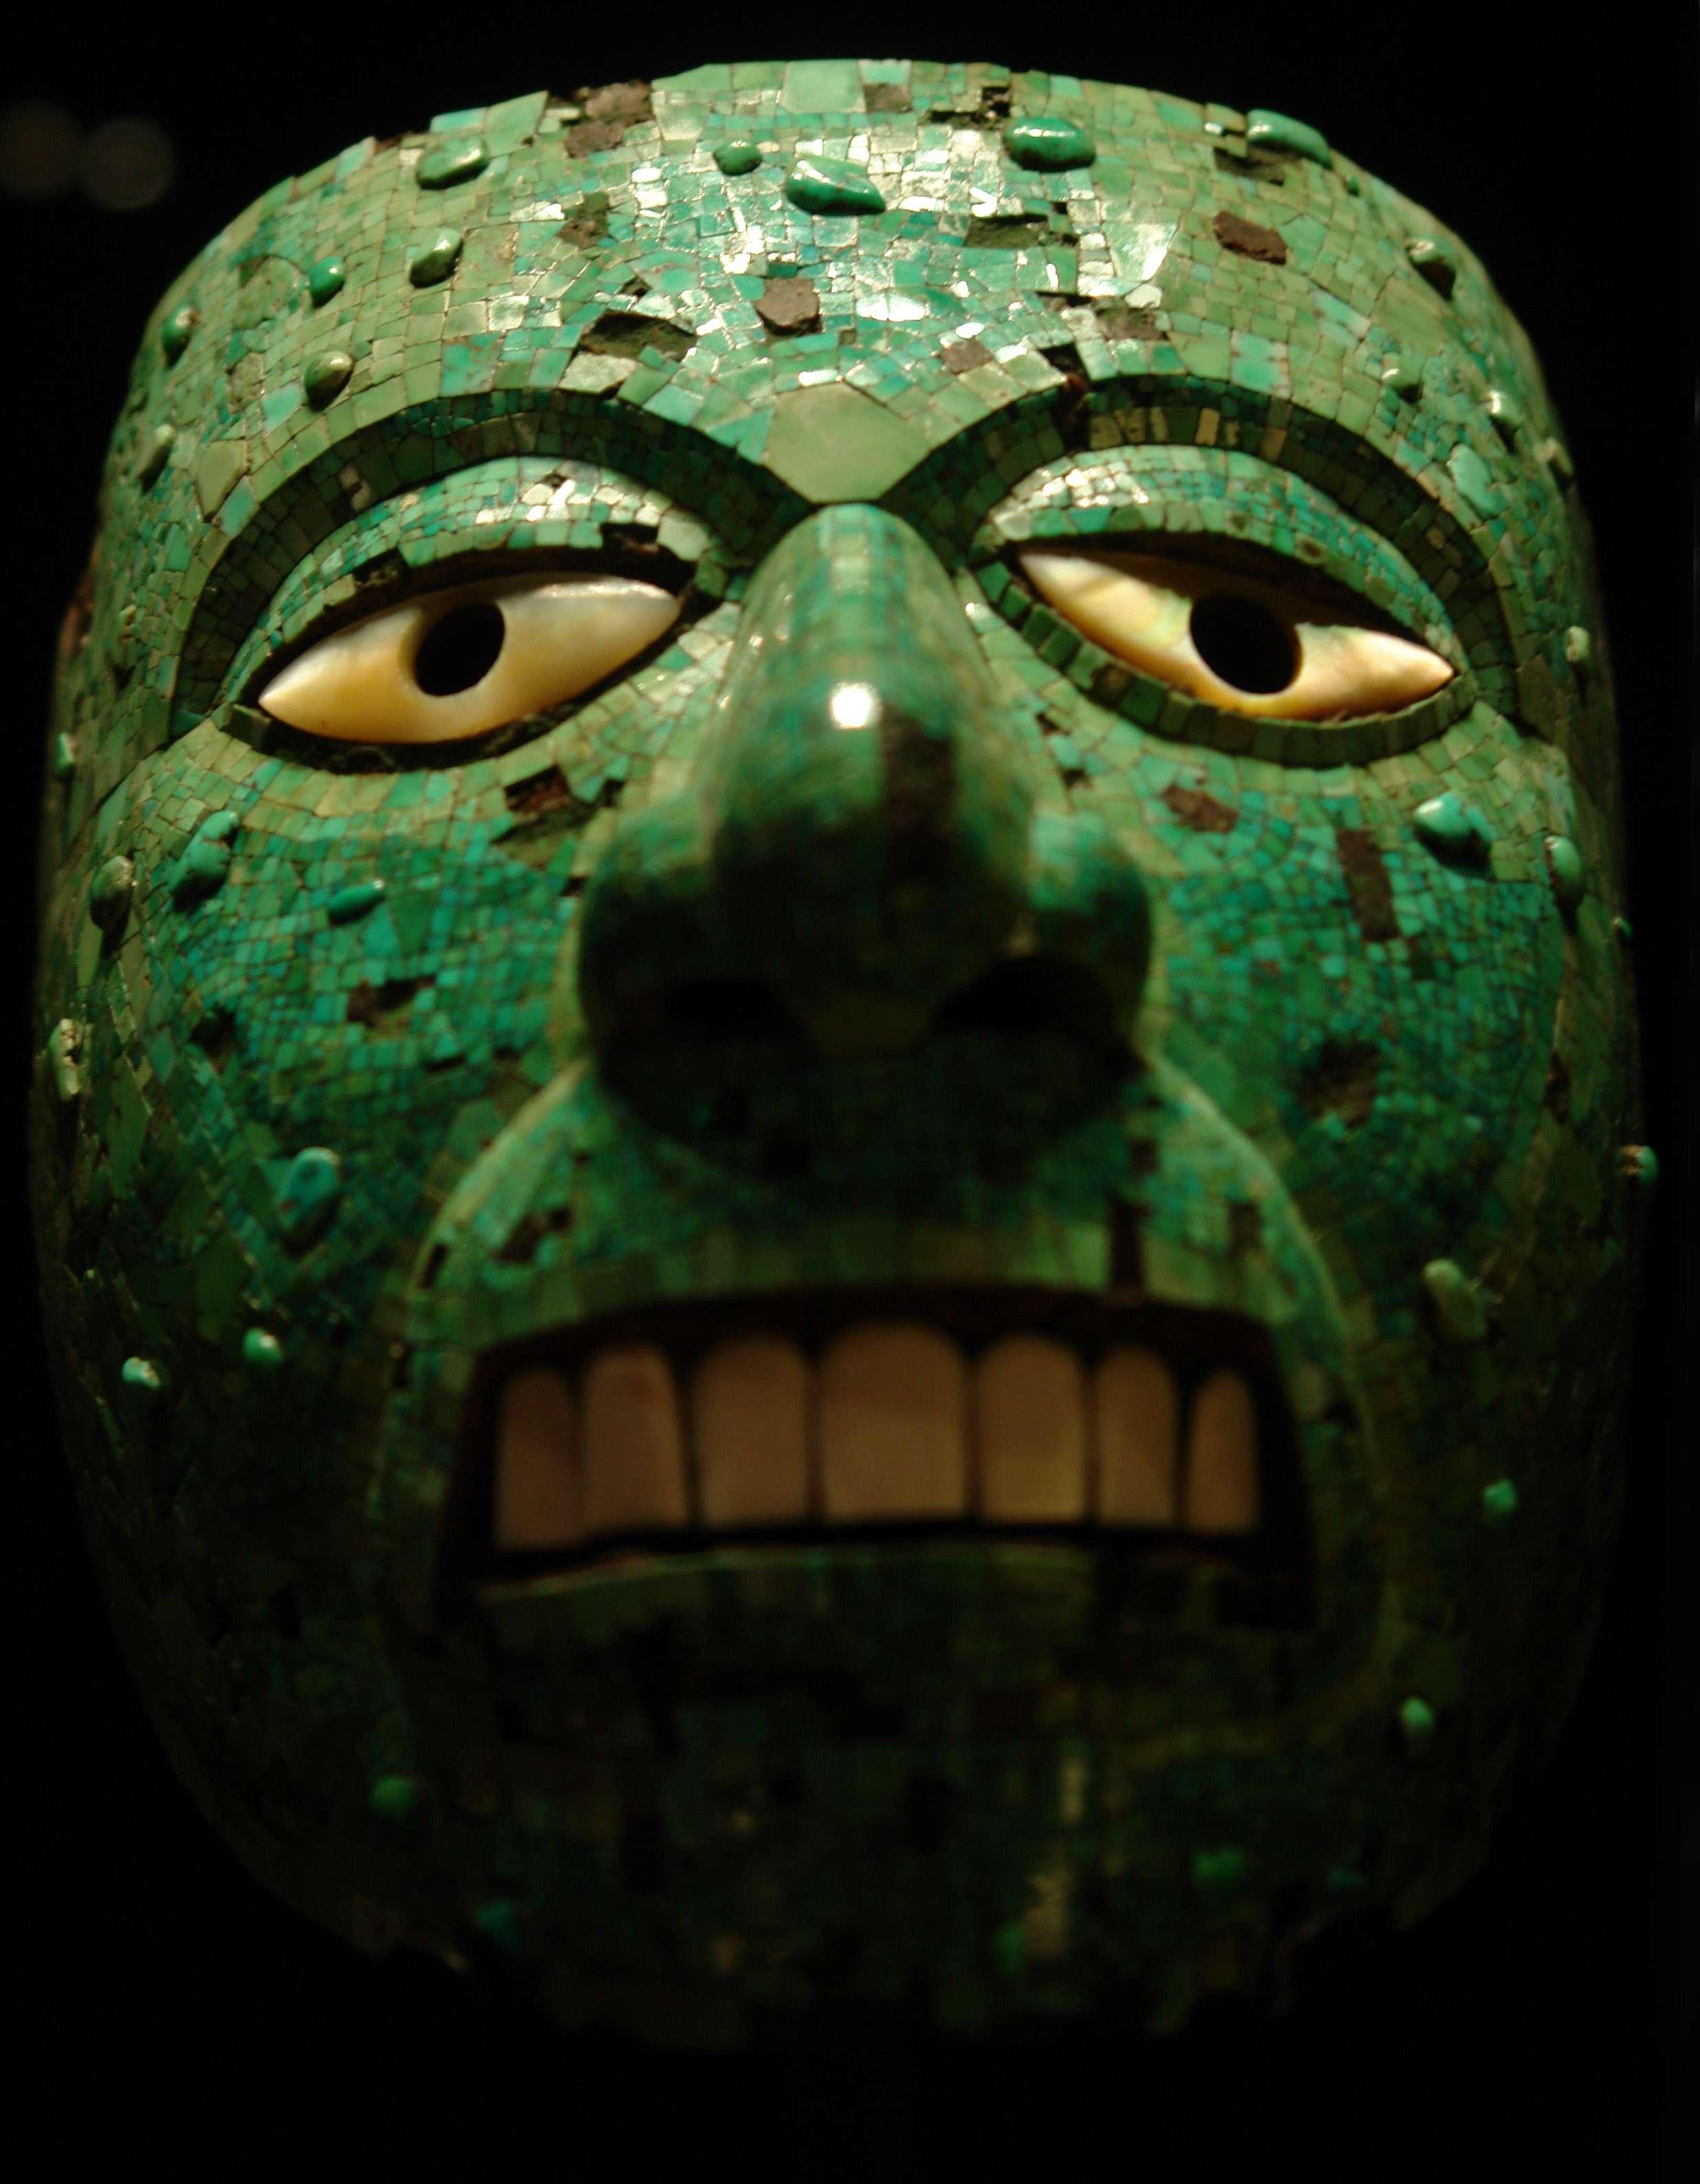 Μάσκα από τιρκουάζ του θεού της φωτιάς Σιουτεκούτλι, κατασκευής Αζτέκων ή Μιξτέκων. Βρετανικό Μουσείο, Λονδίνο.